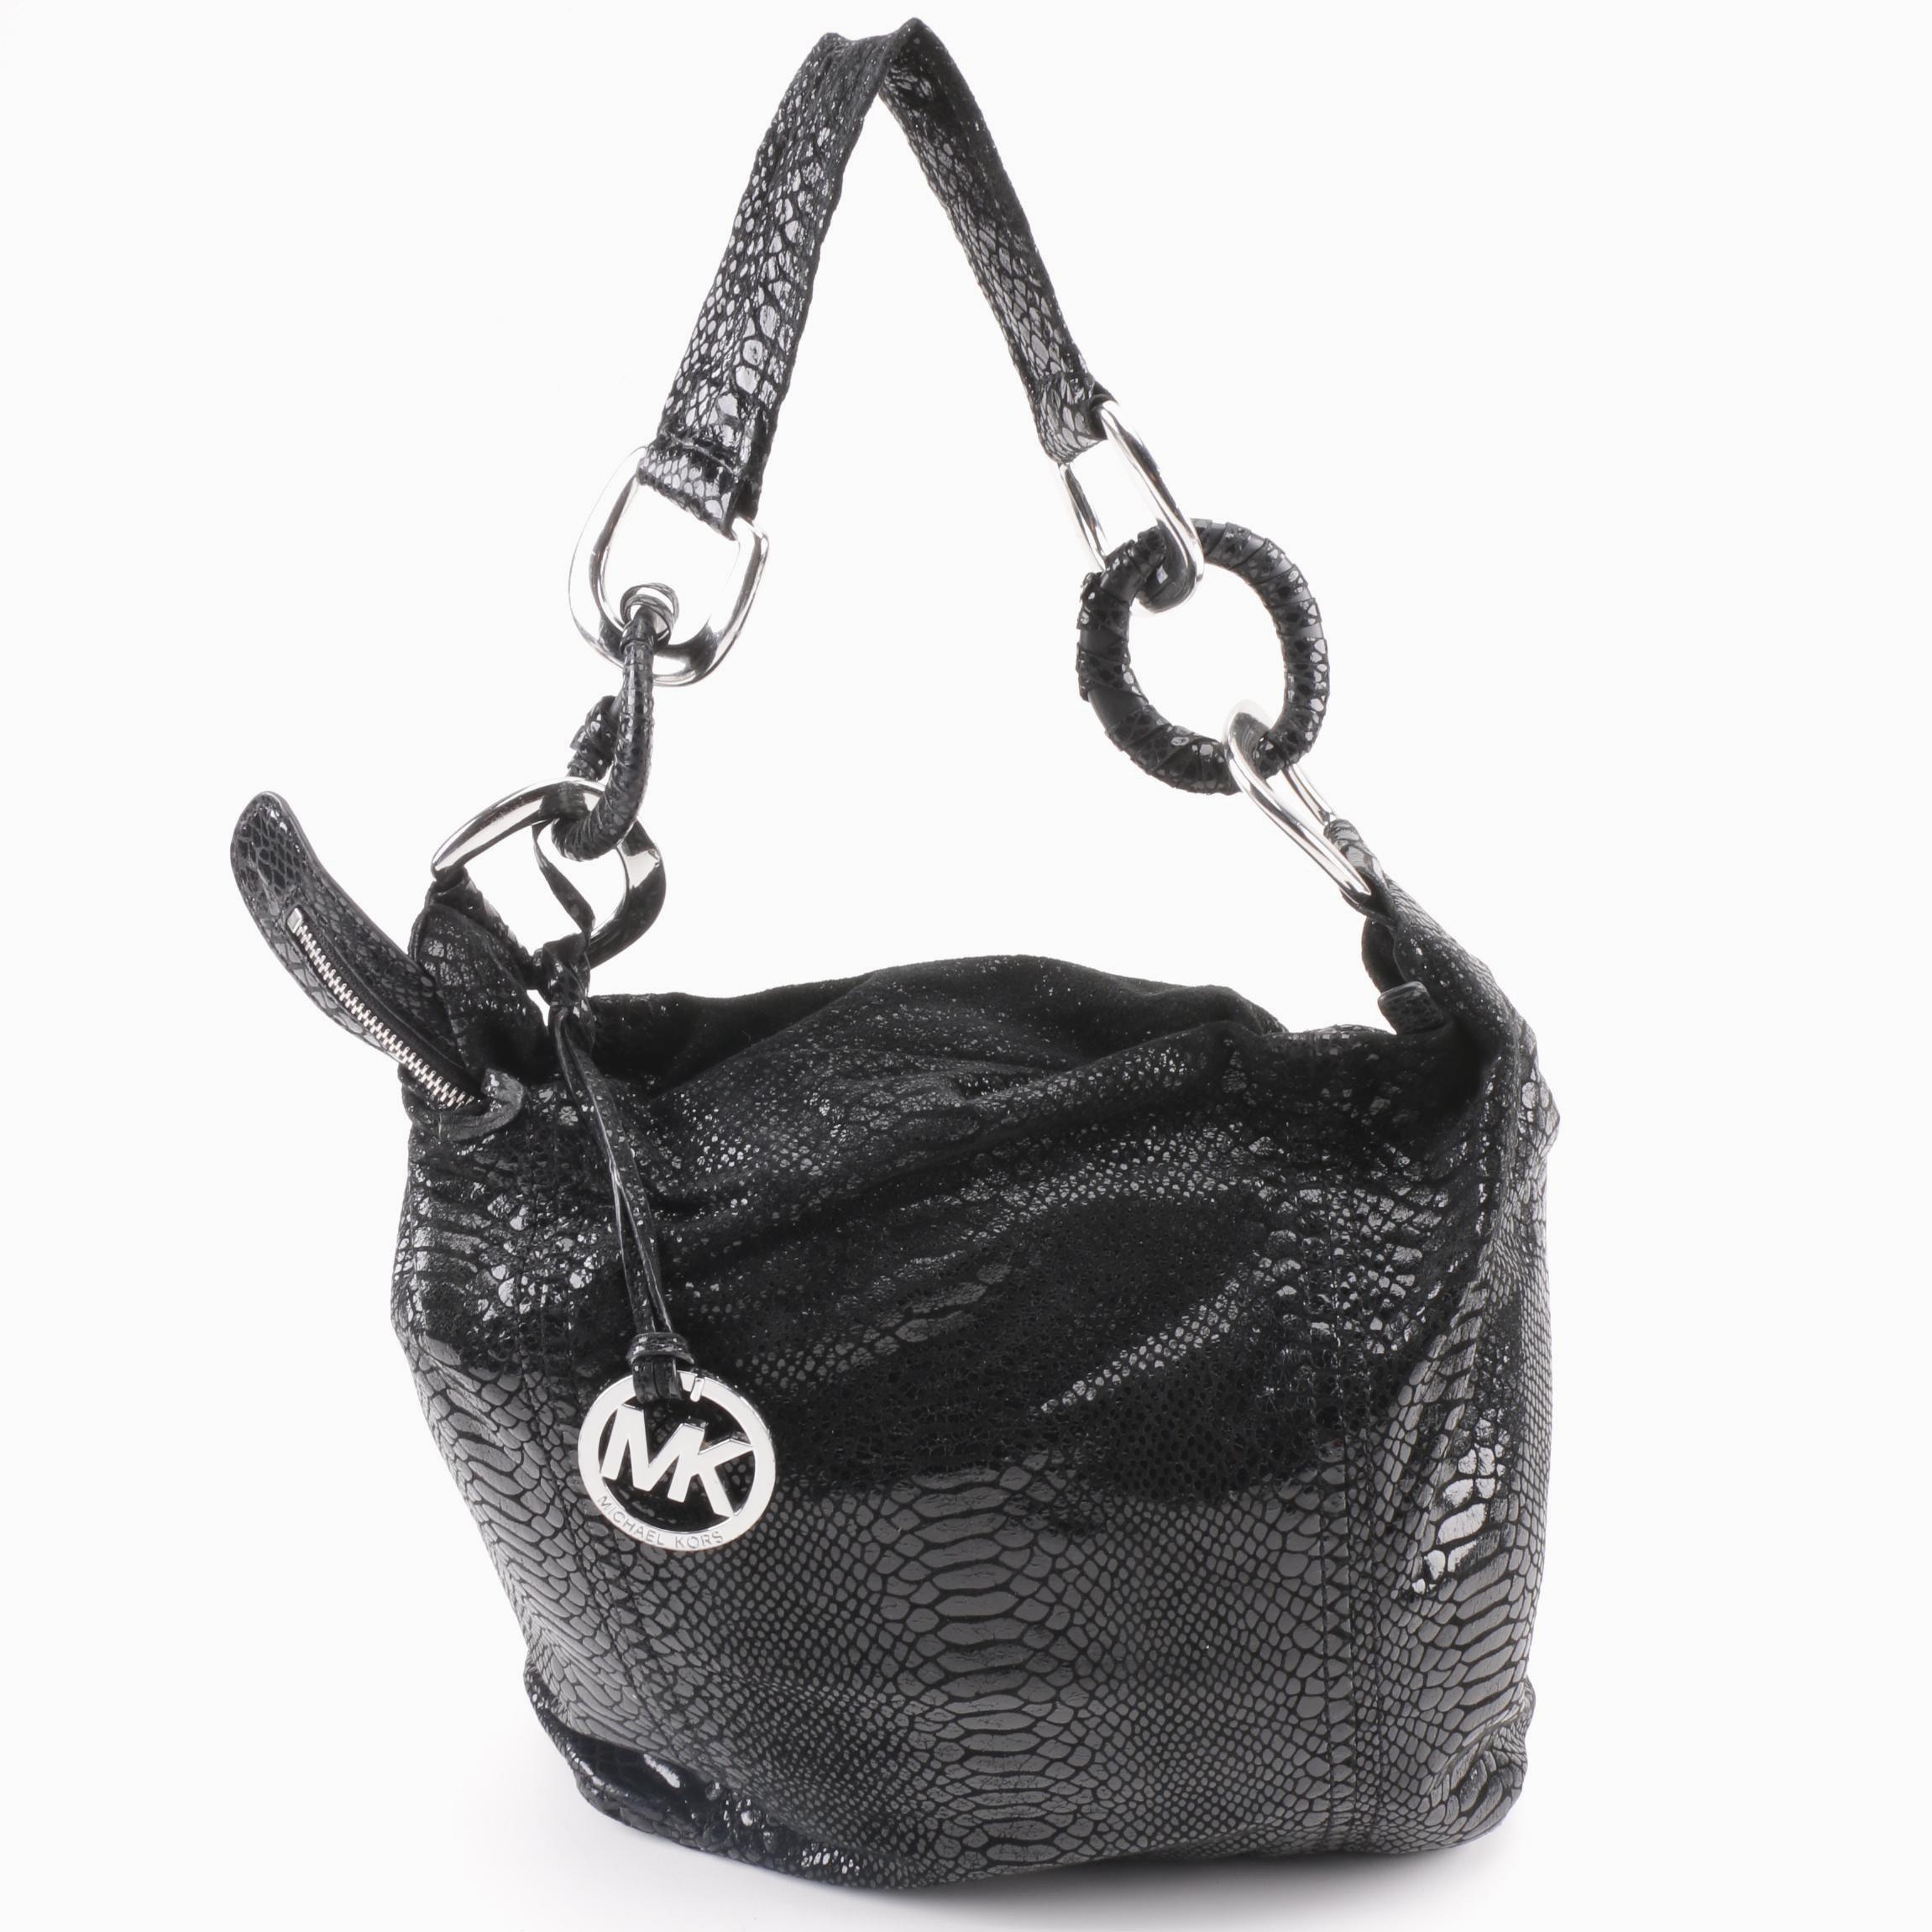 MICHAEL Michael Kors Black Reptile Print Hobo Bag